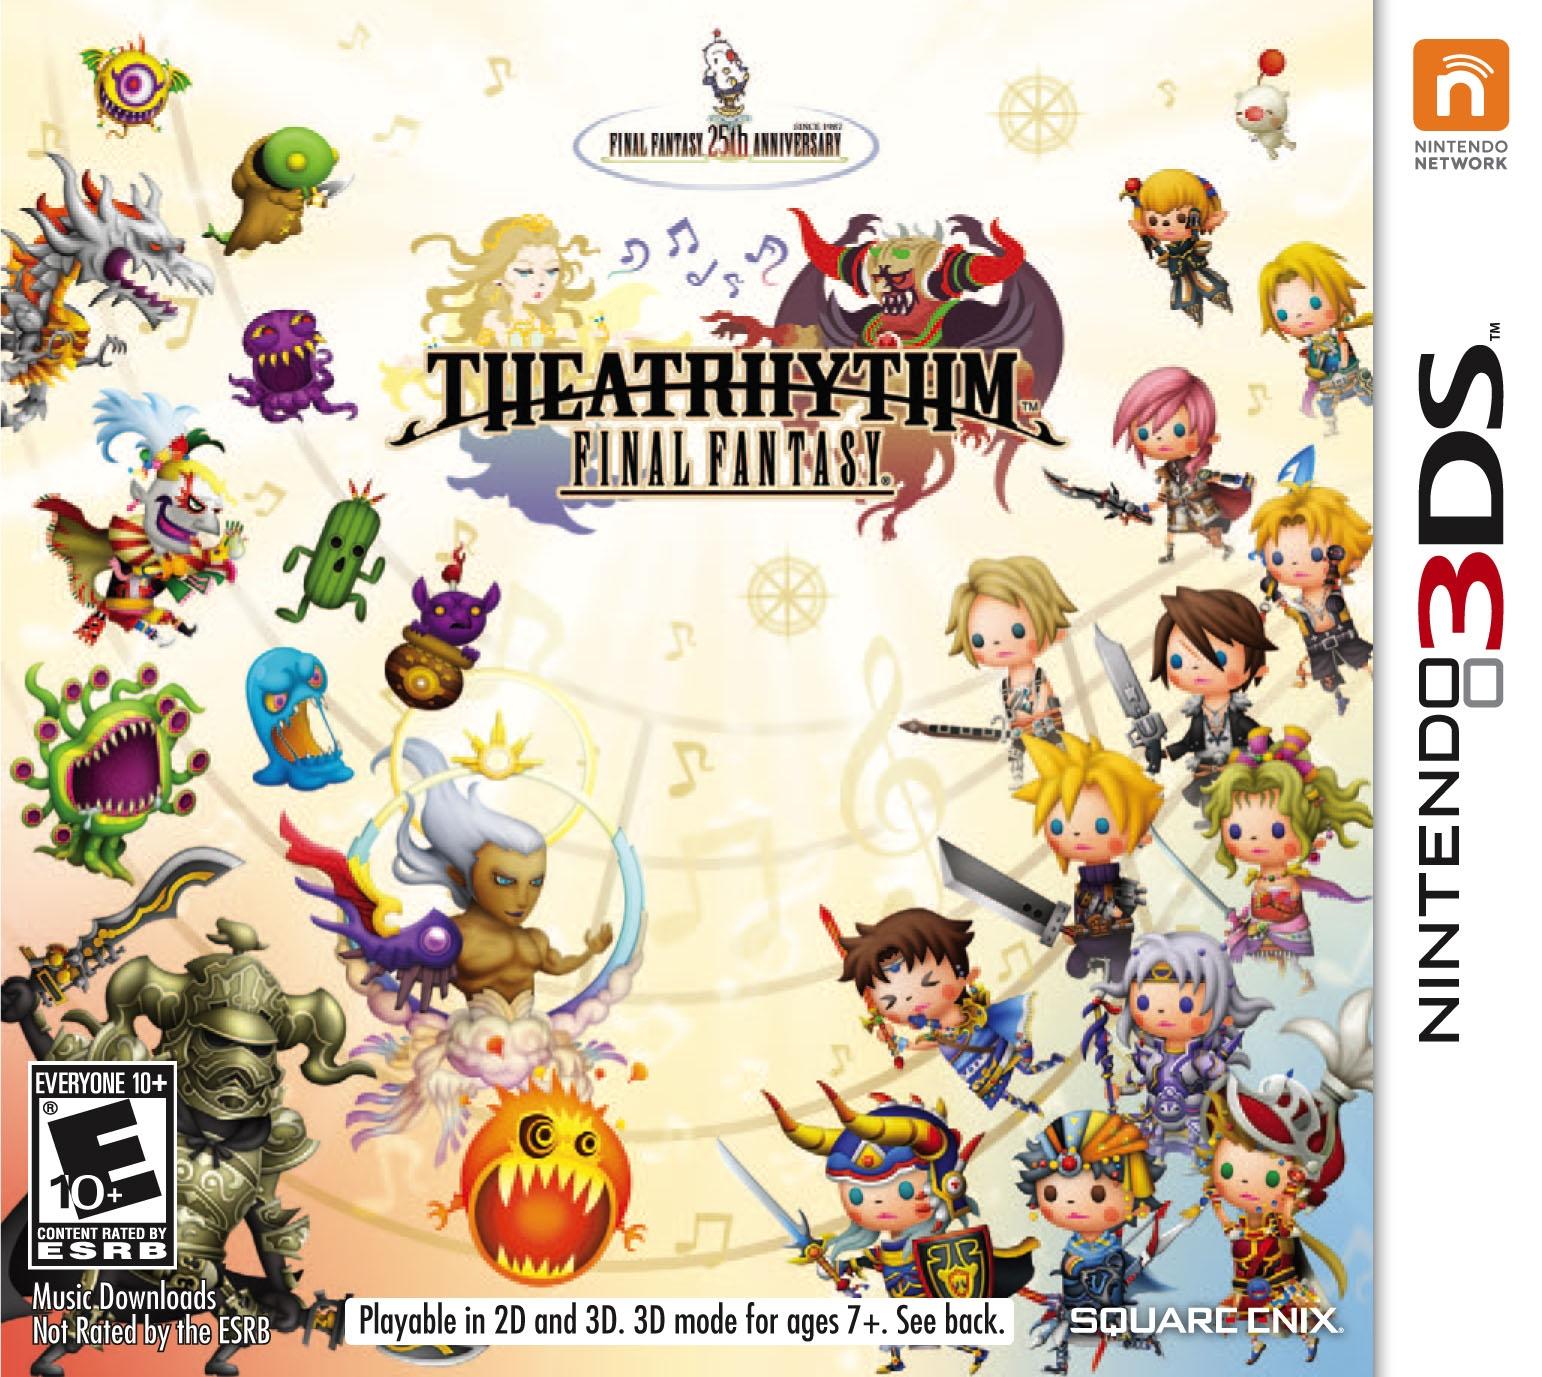 Tff322 Theatrhythm Final Fantasy Box ...